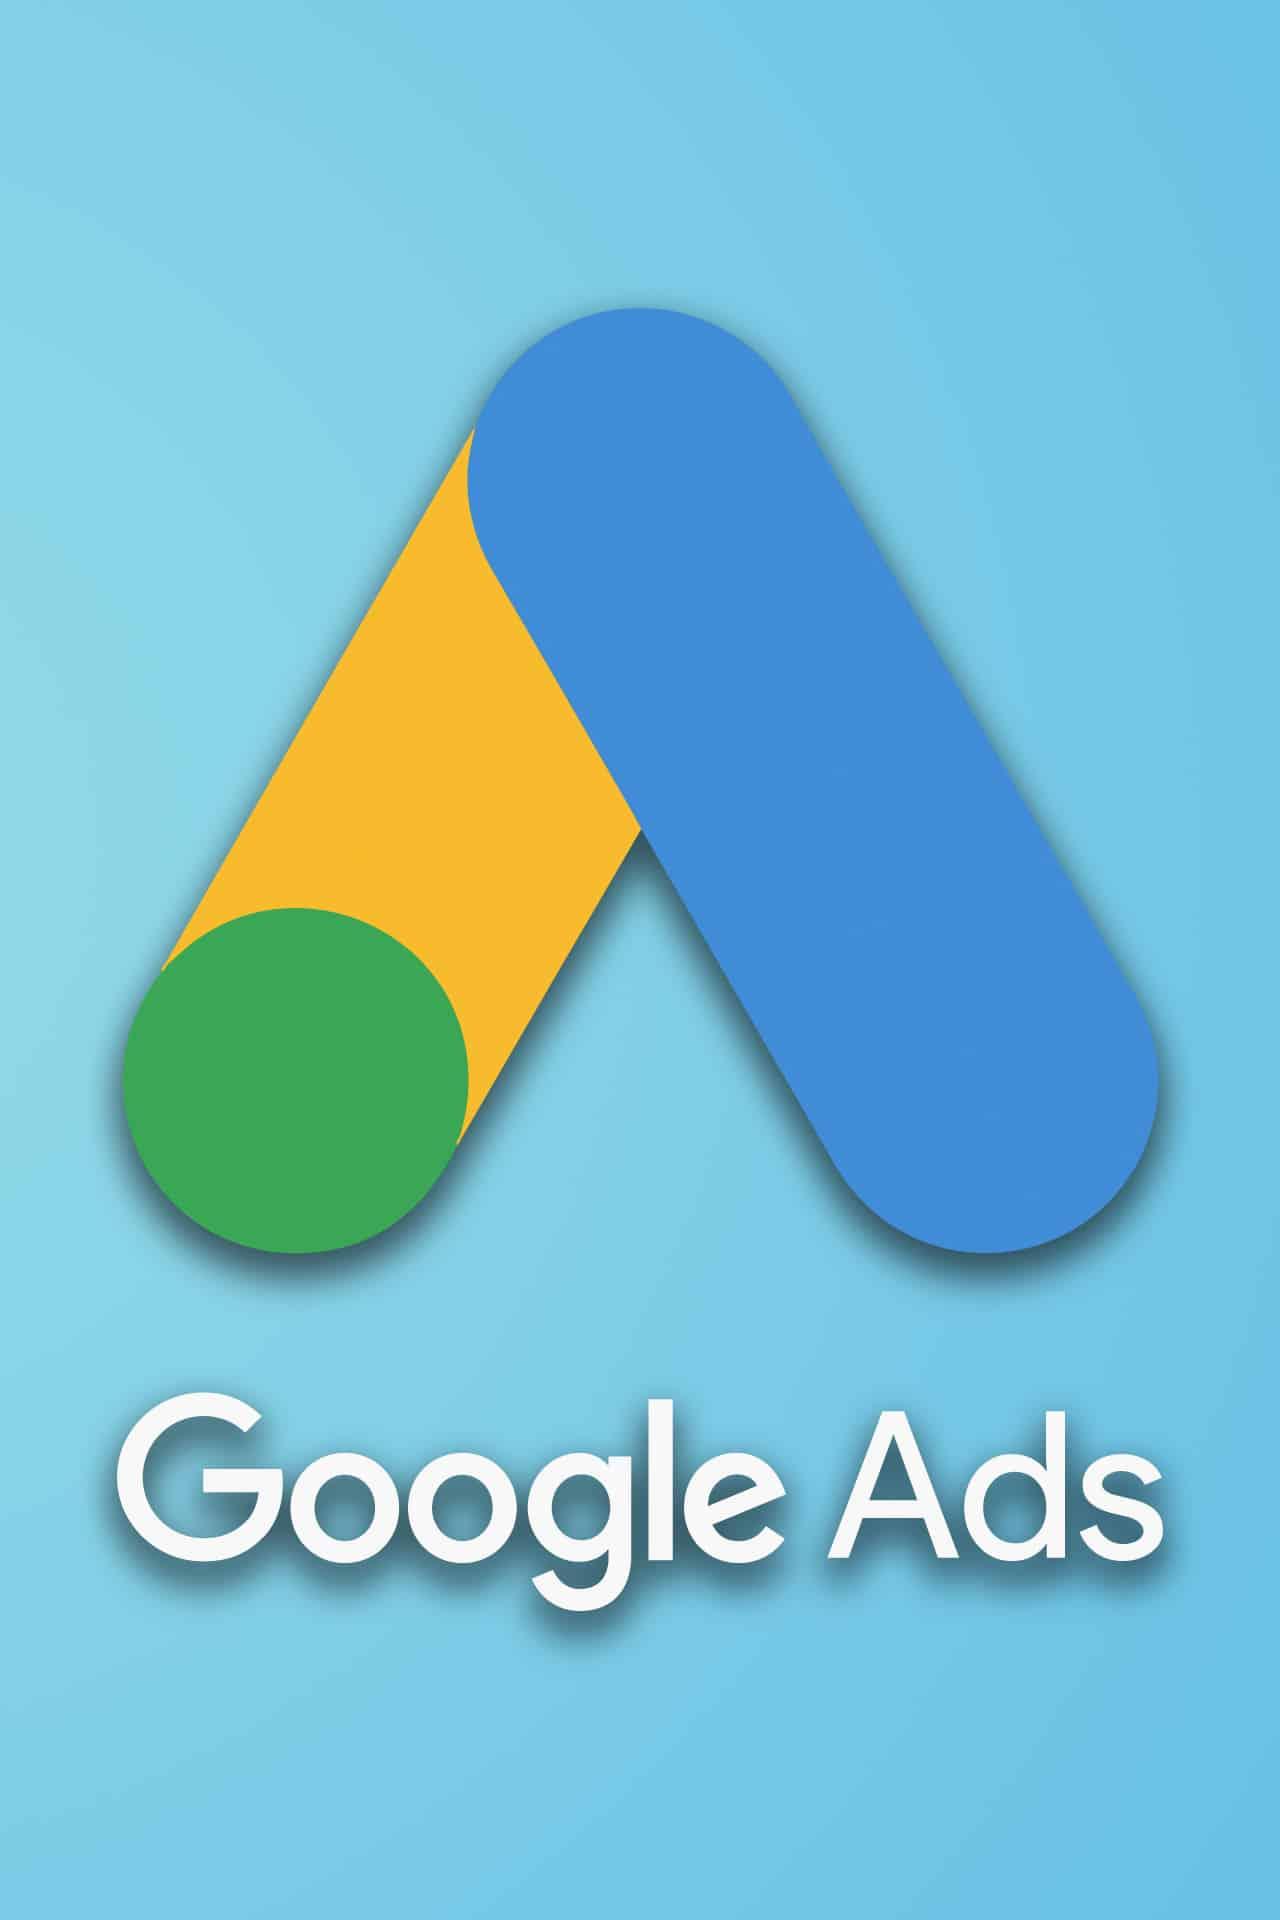 Google ads rimuove posizione media